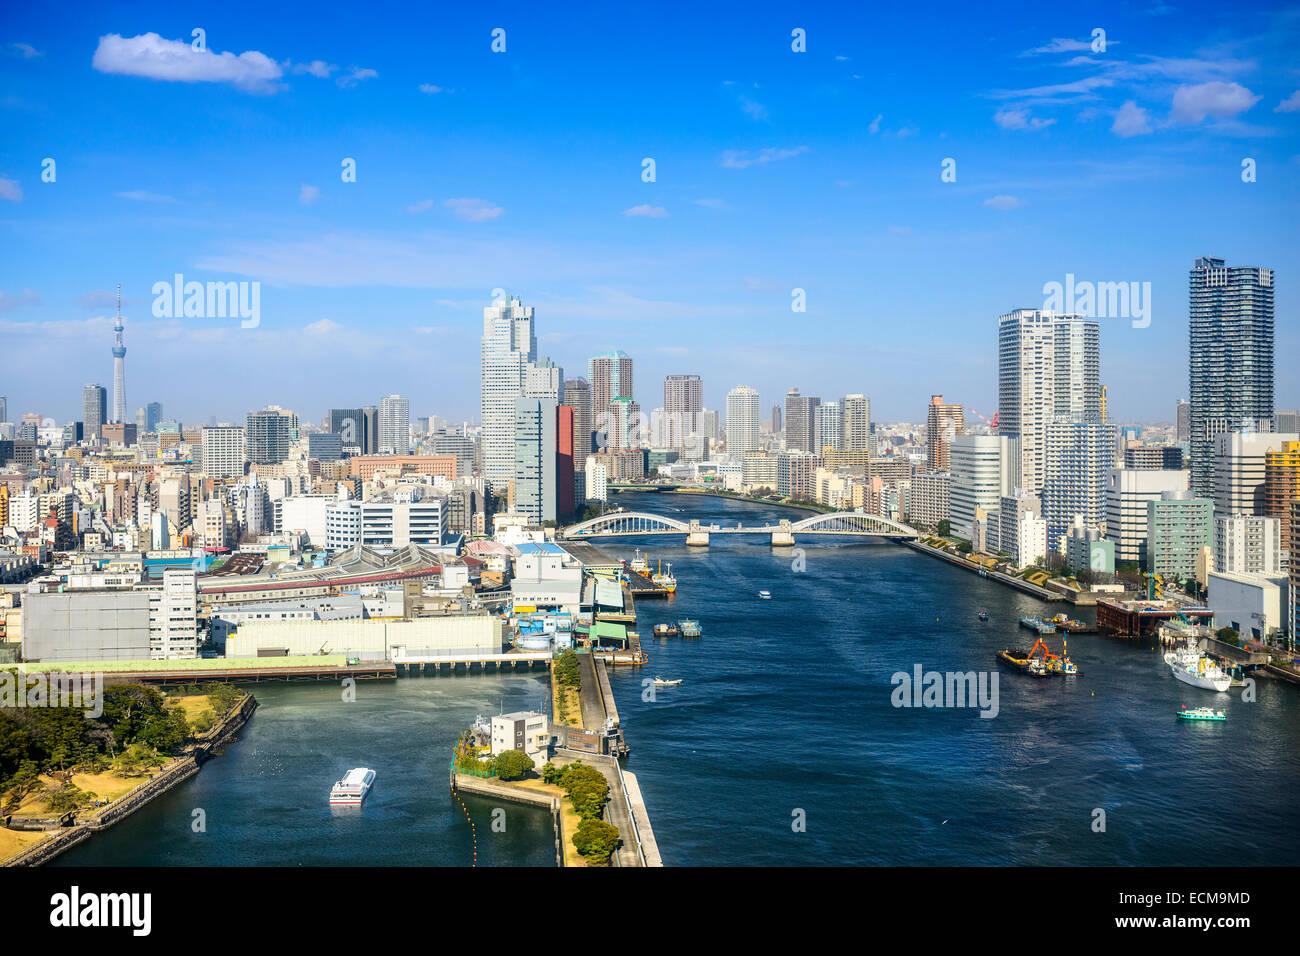 Tokyo, Japon ville sur la rivière Sumida. Banque D'Images